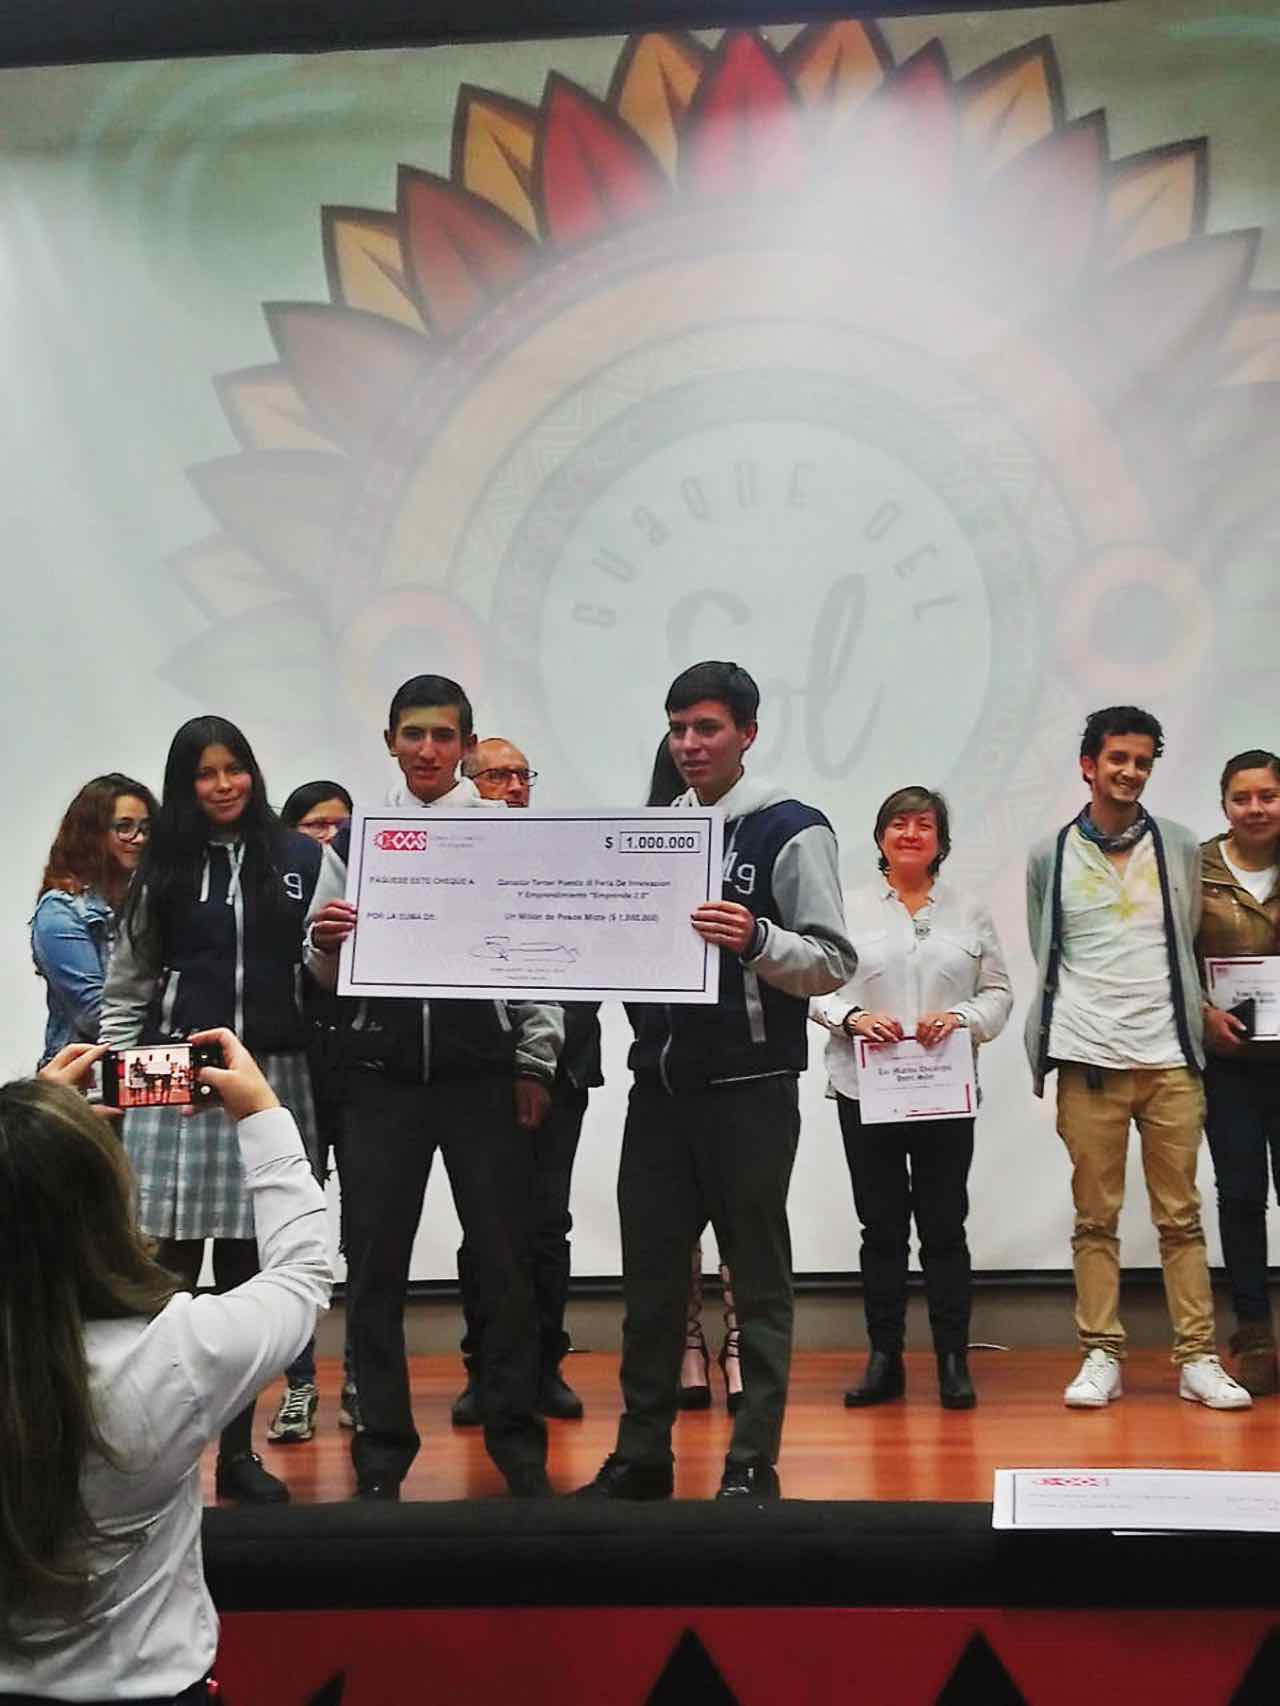 En la Feria de Innovación y Emprendimiento (Emprende 2.0) de la Cámara de Comercio de Sogamoso obtuvieron el tercer puesto.